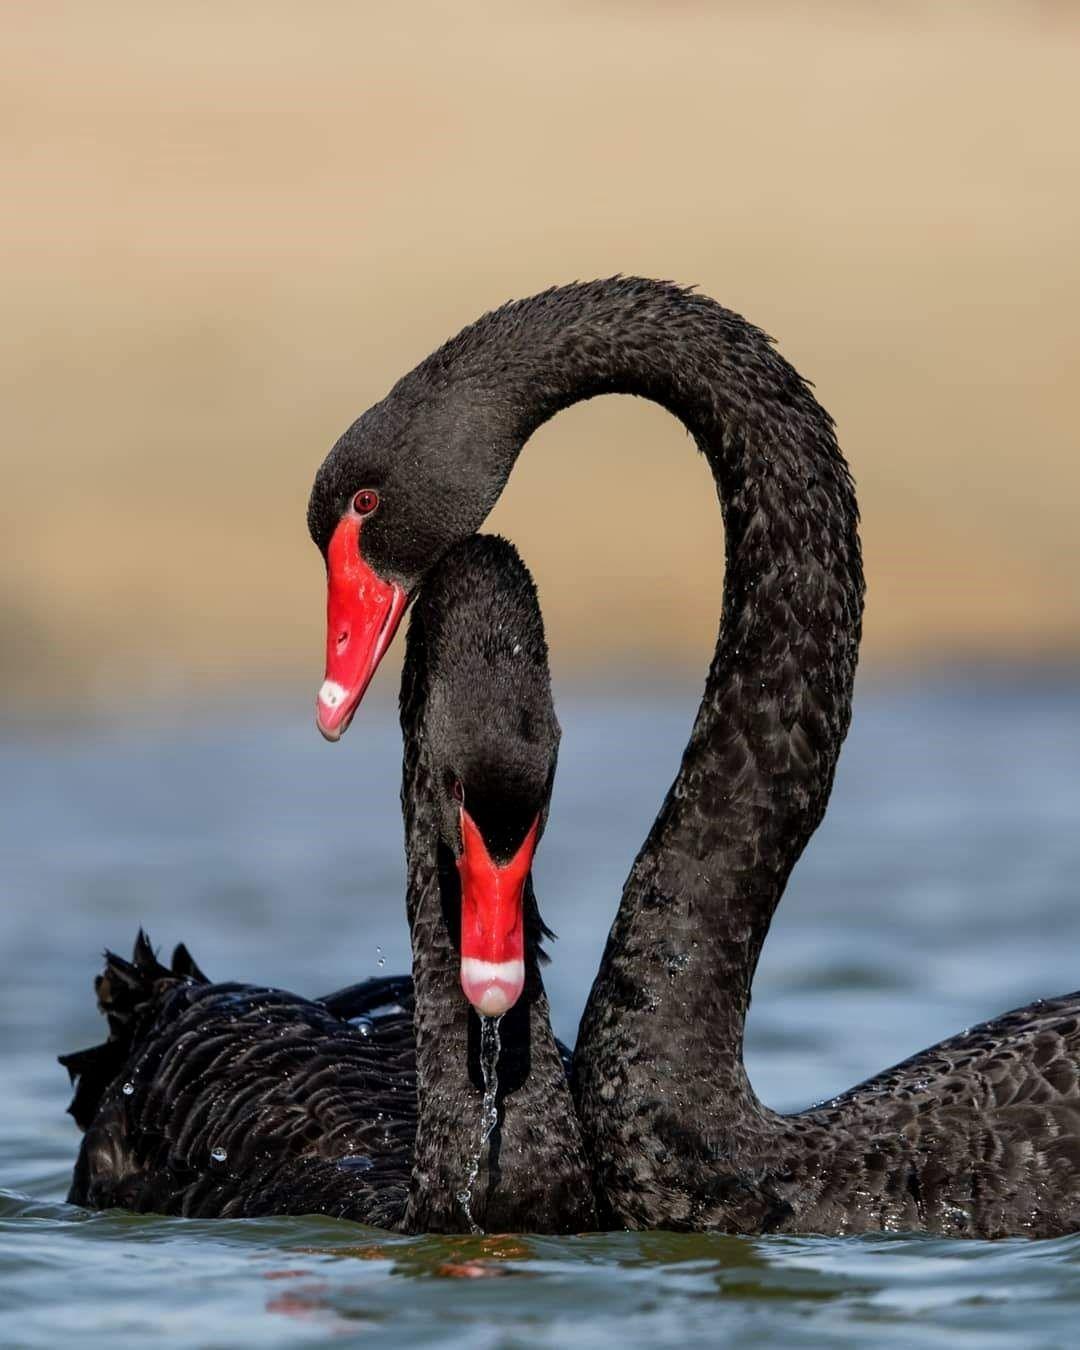 определить, что черные лебеди фото красивые рисунок может